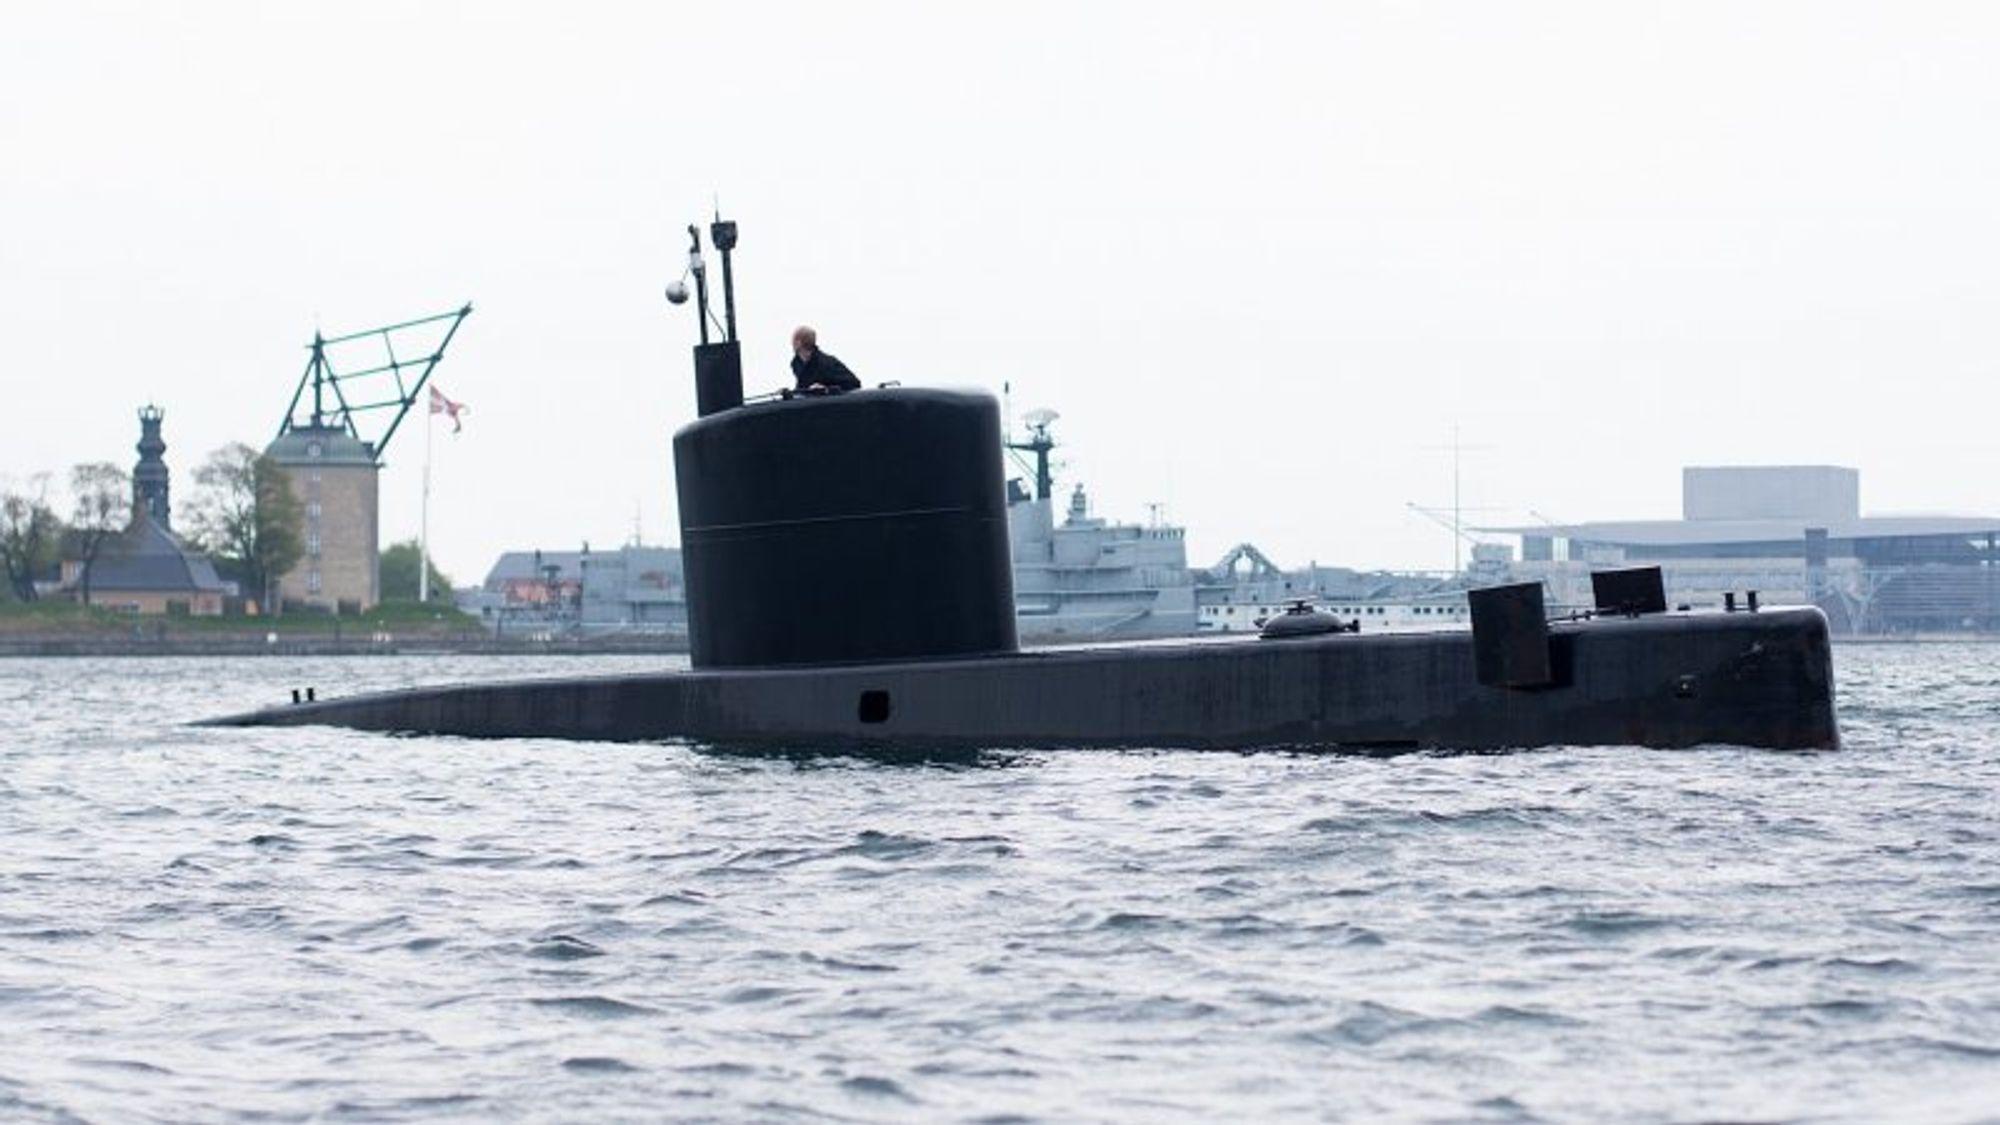 Selv om Nautilus er en ubåt, er den en svært primitiv versjon. Den kan ikke seile under periskopdybde på lengre strekninger, og er vanskelig å seile alene, forteller Flight Director Christoffer Meyer fra Raket-Madsens Laboratorium.